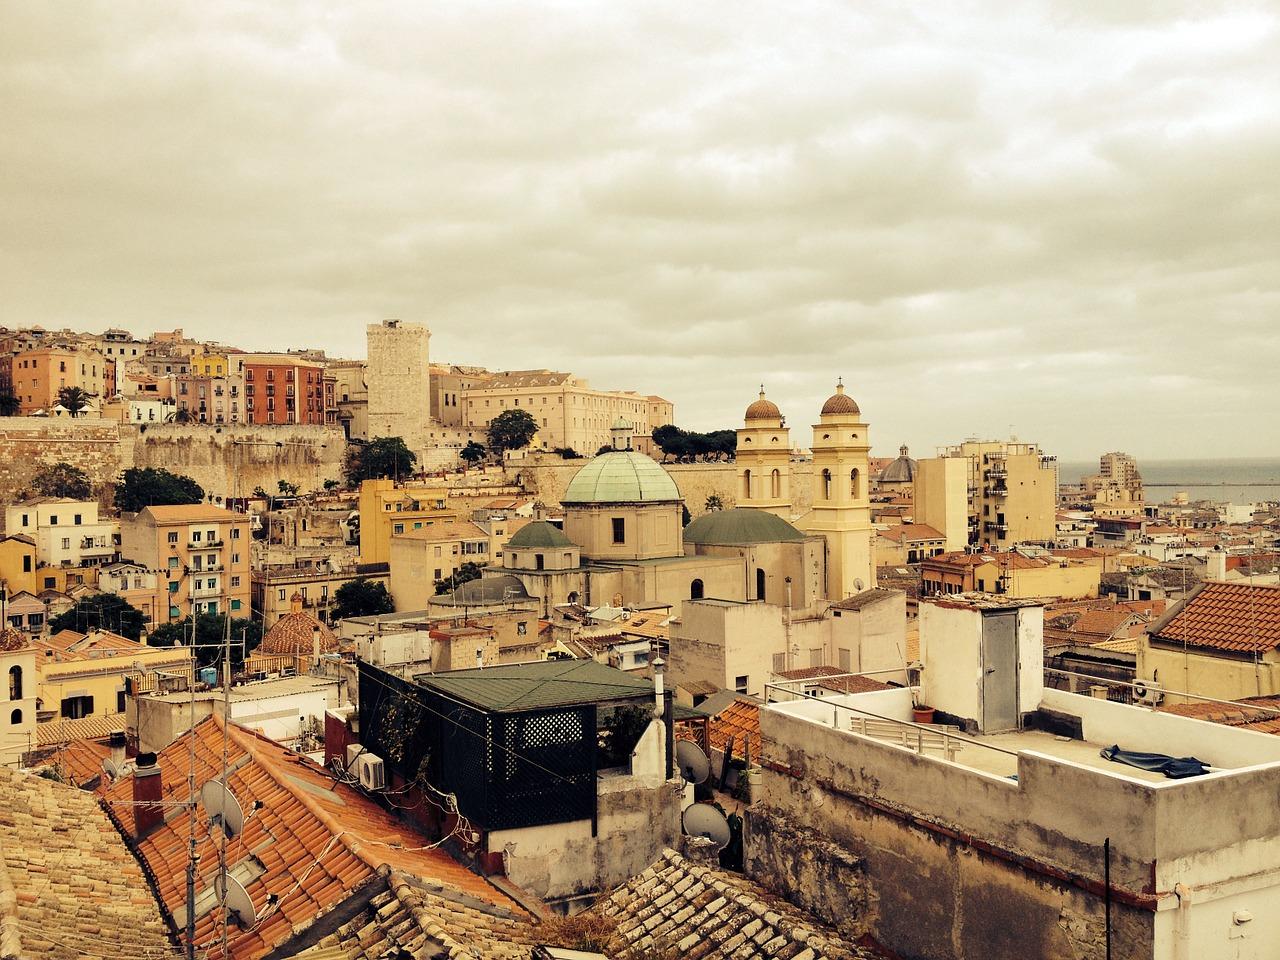 The capital city of Sardinia, Cagliari